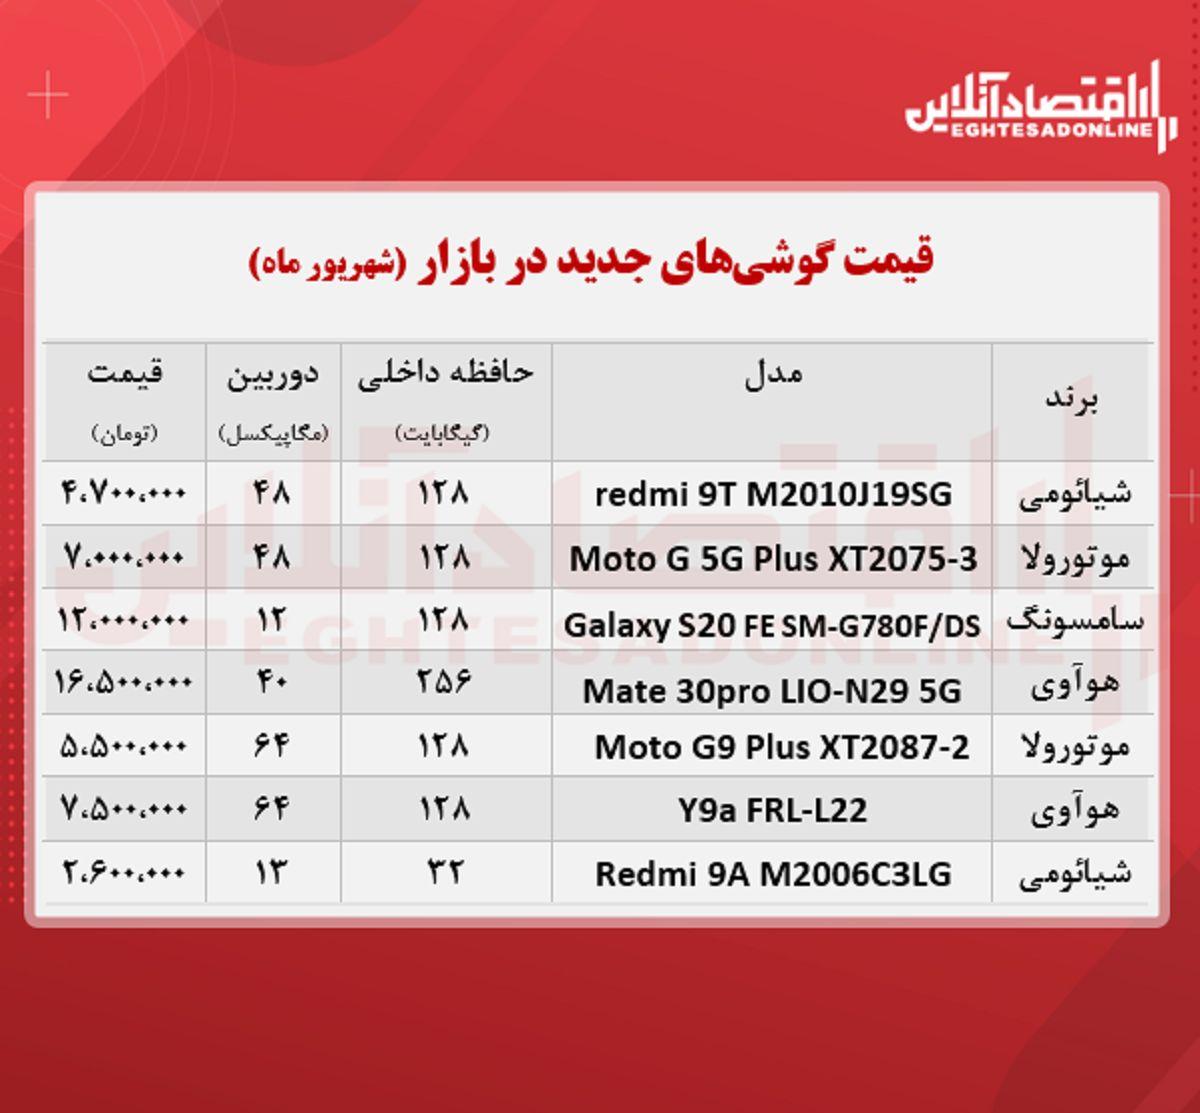 قیمت گوشی های جدید در بازار / ۱شهریور